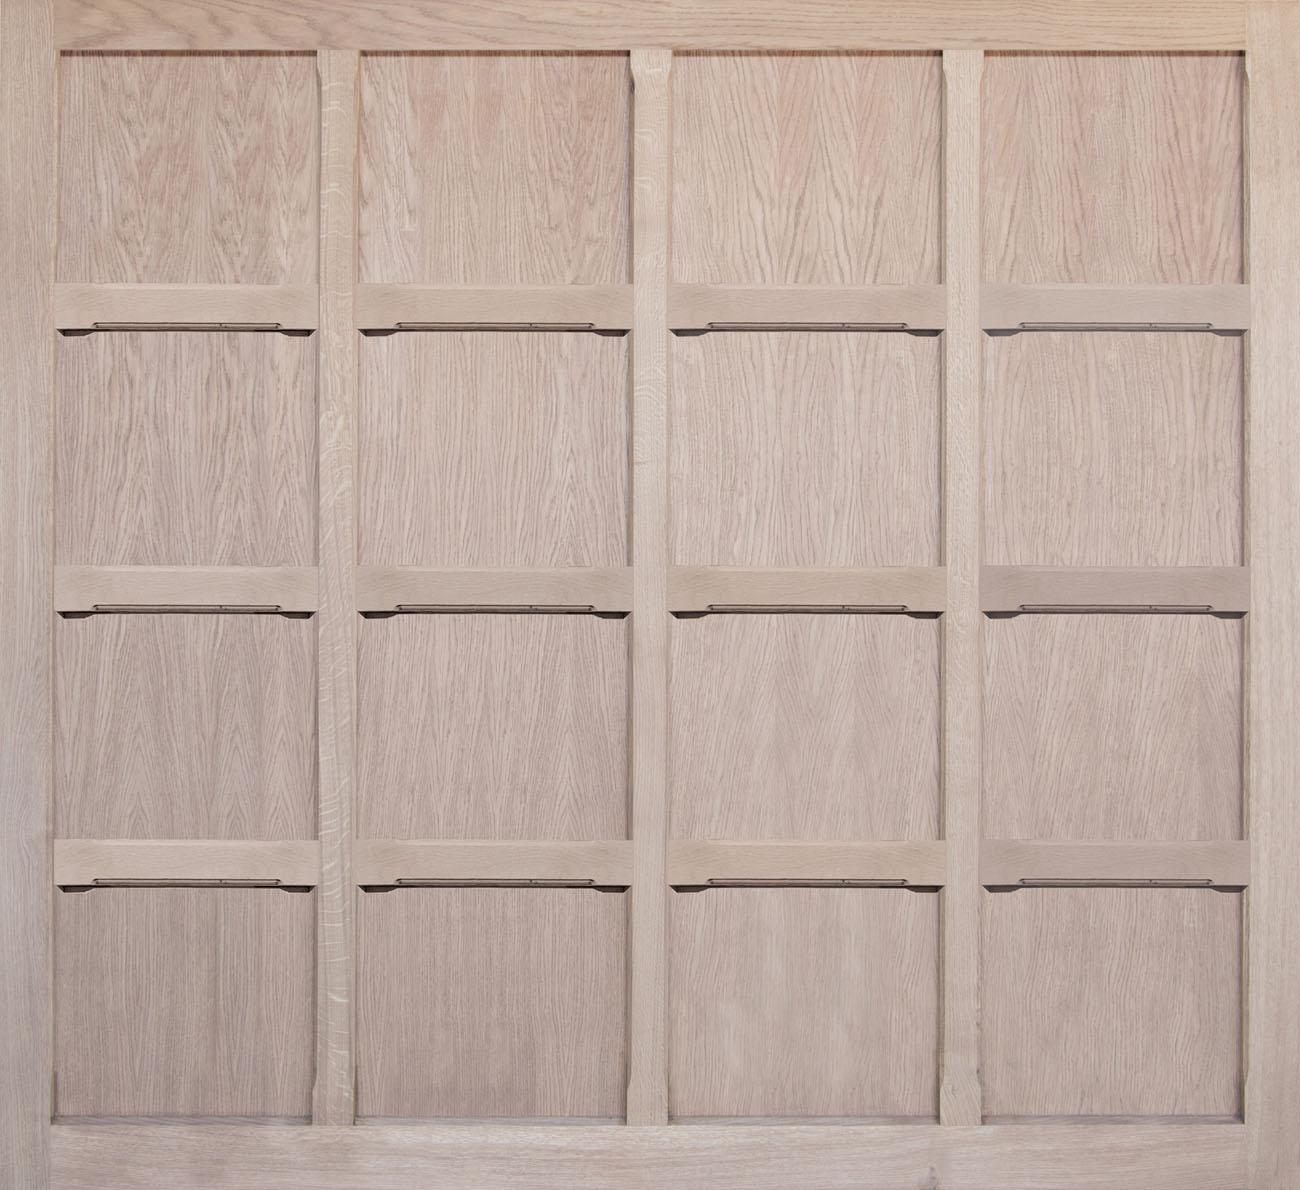 Broadoak panel-built